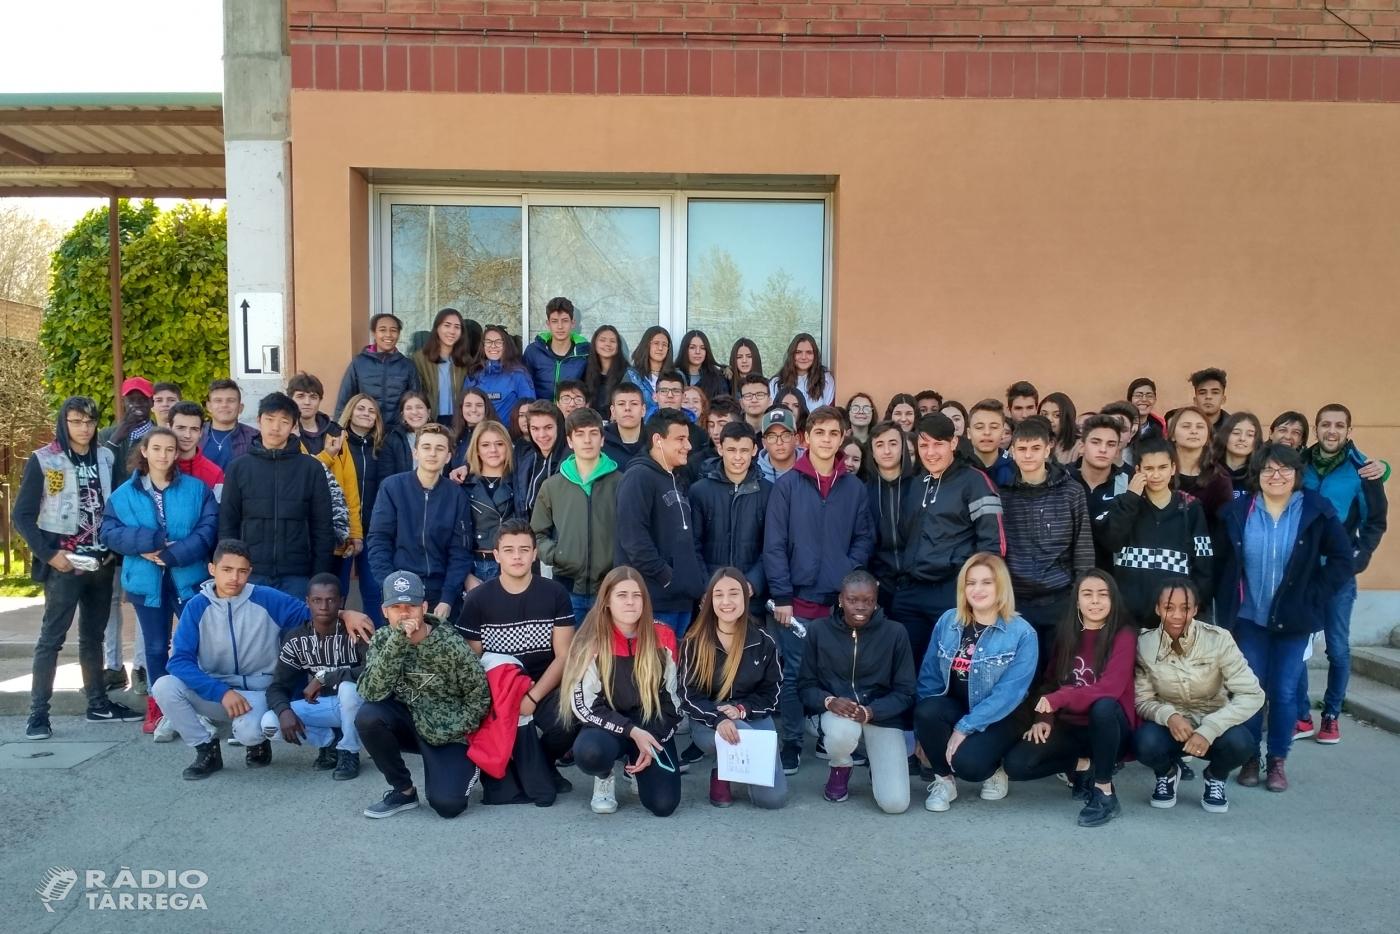 L'Ajuntament de Tàrrega imparteix tallers de prevenció contra la violència de gènere a l'alumnat de l'Institut Alfons Costafreda